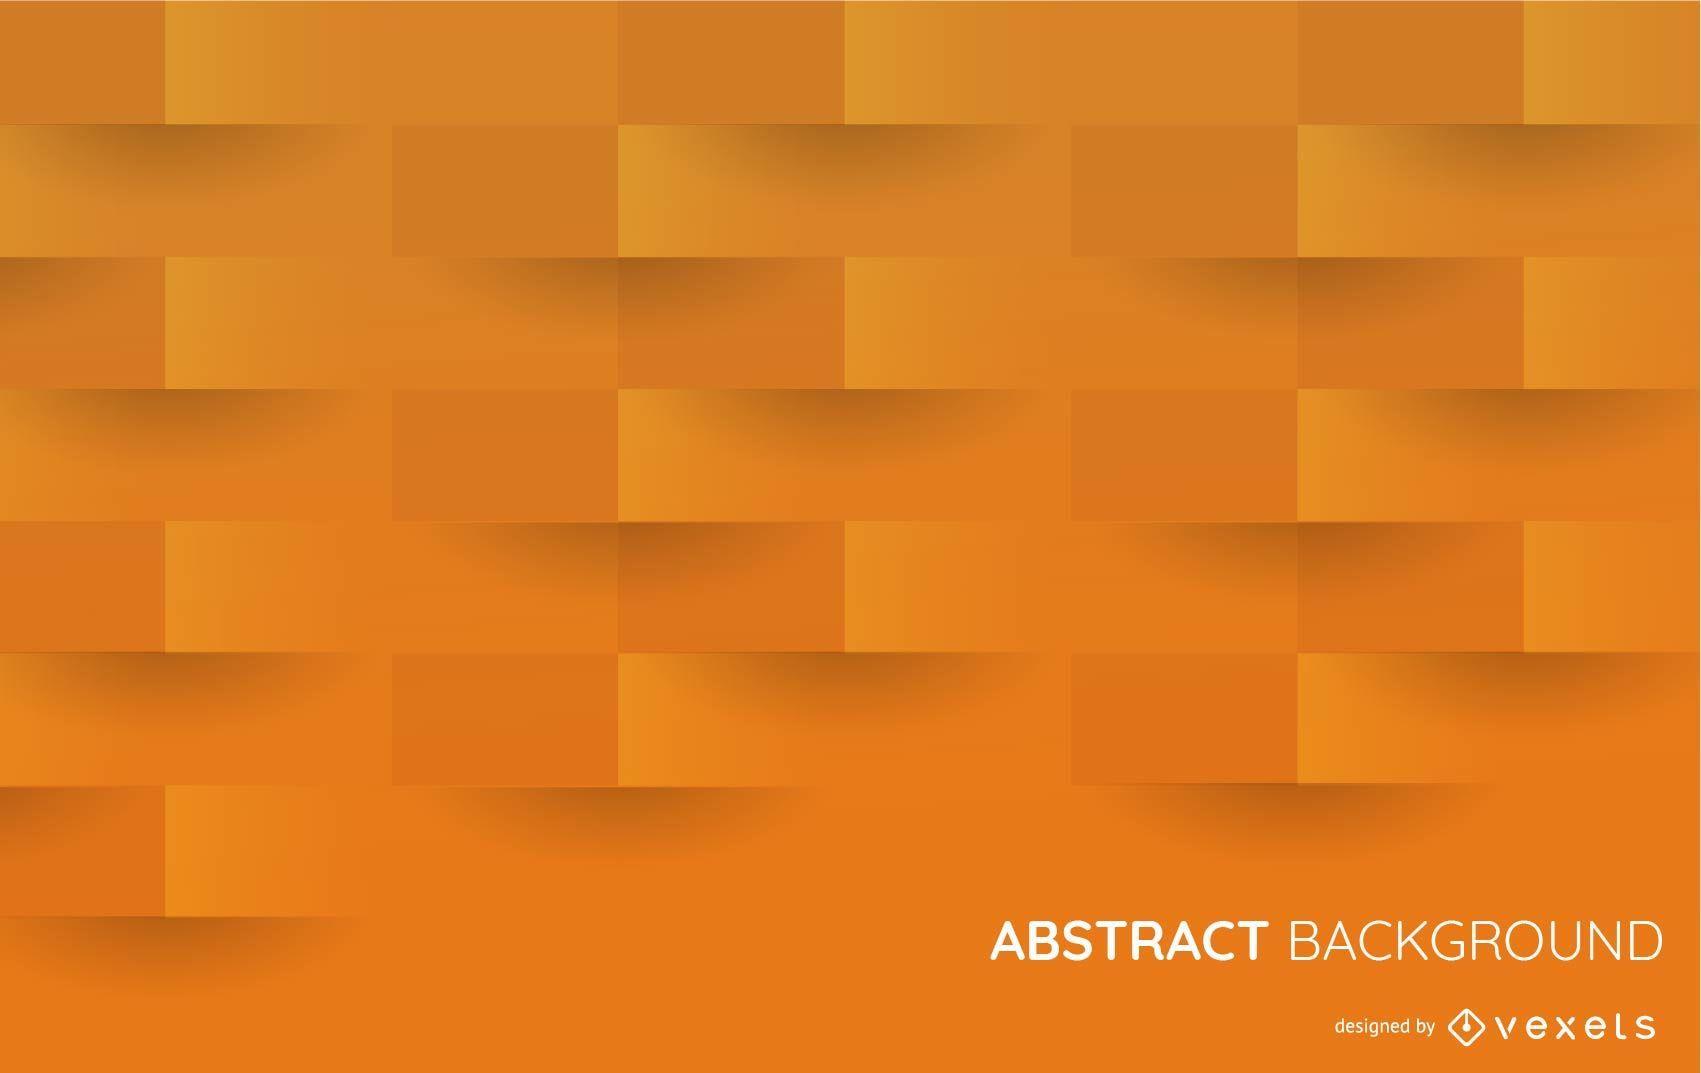 3D orange shapes background